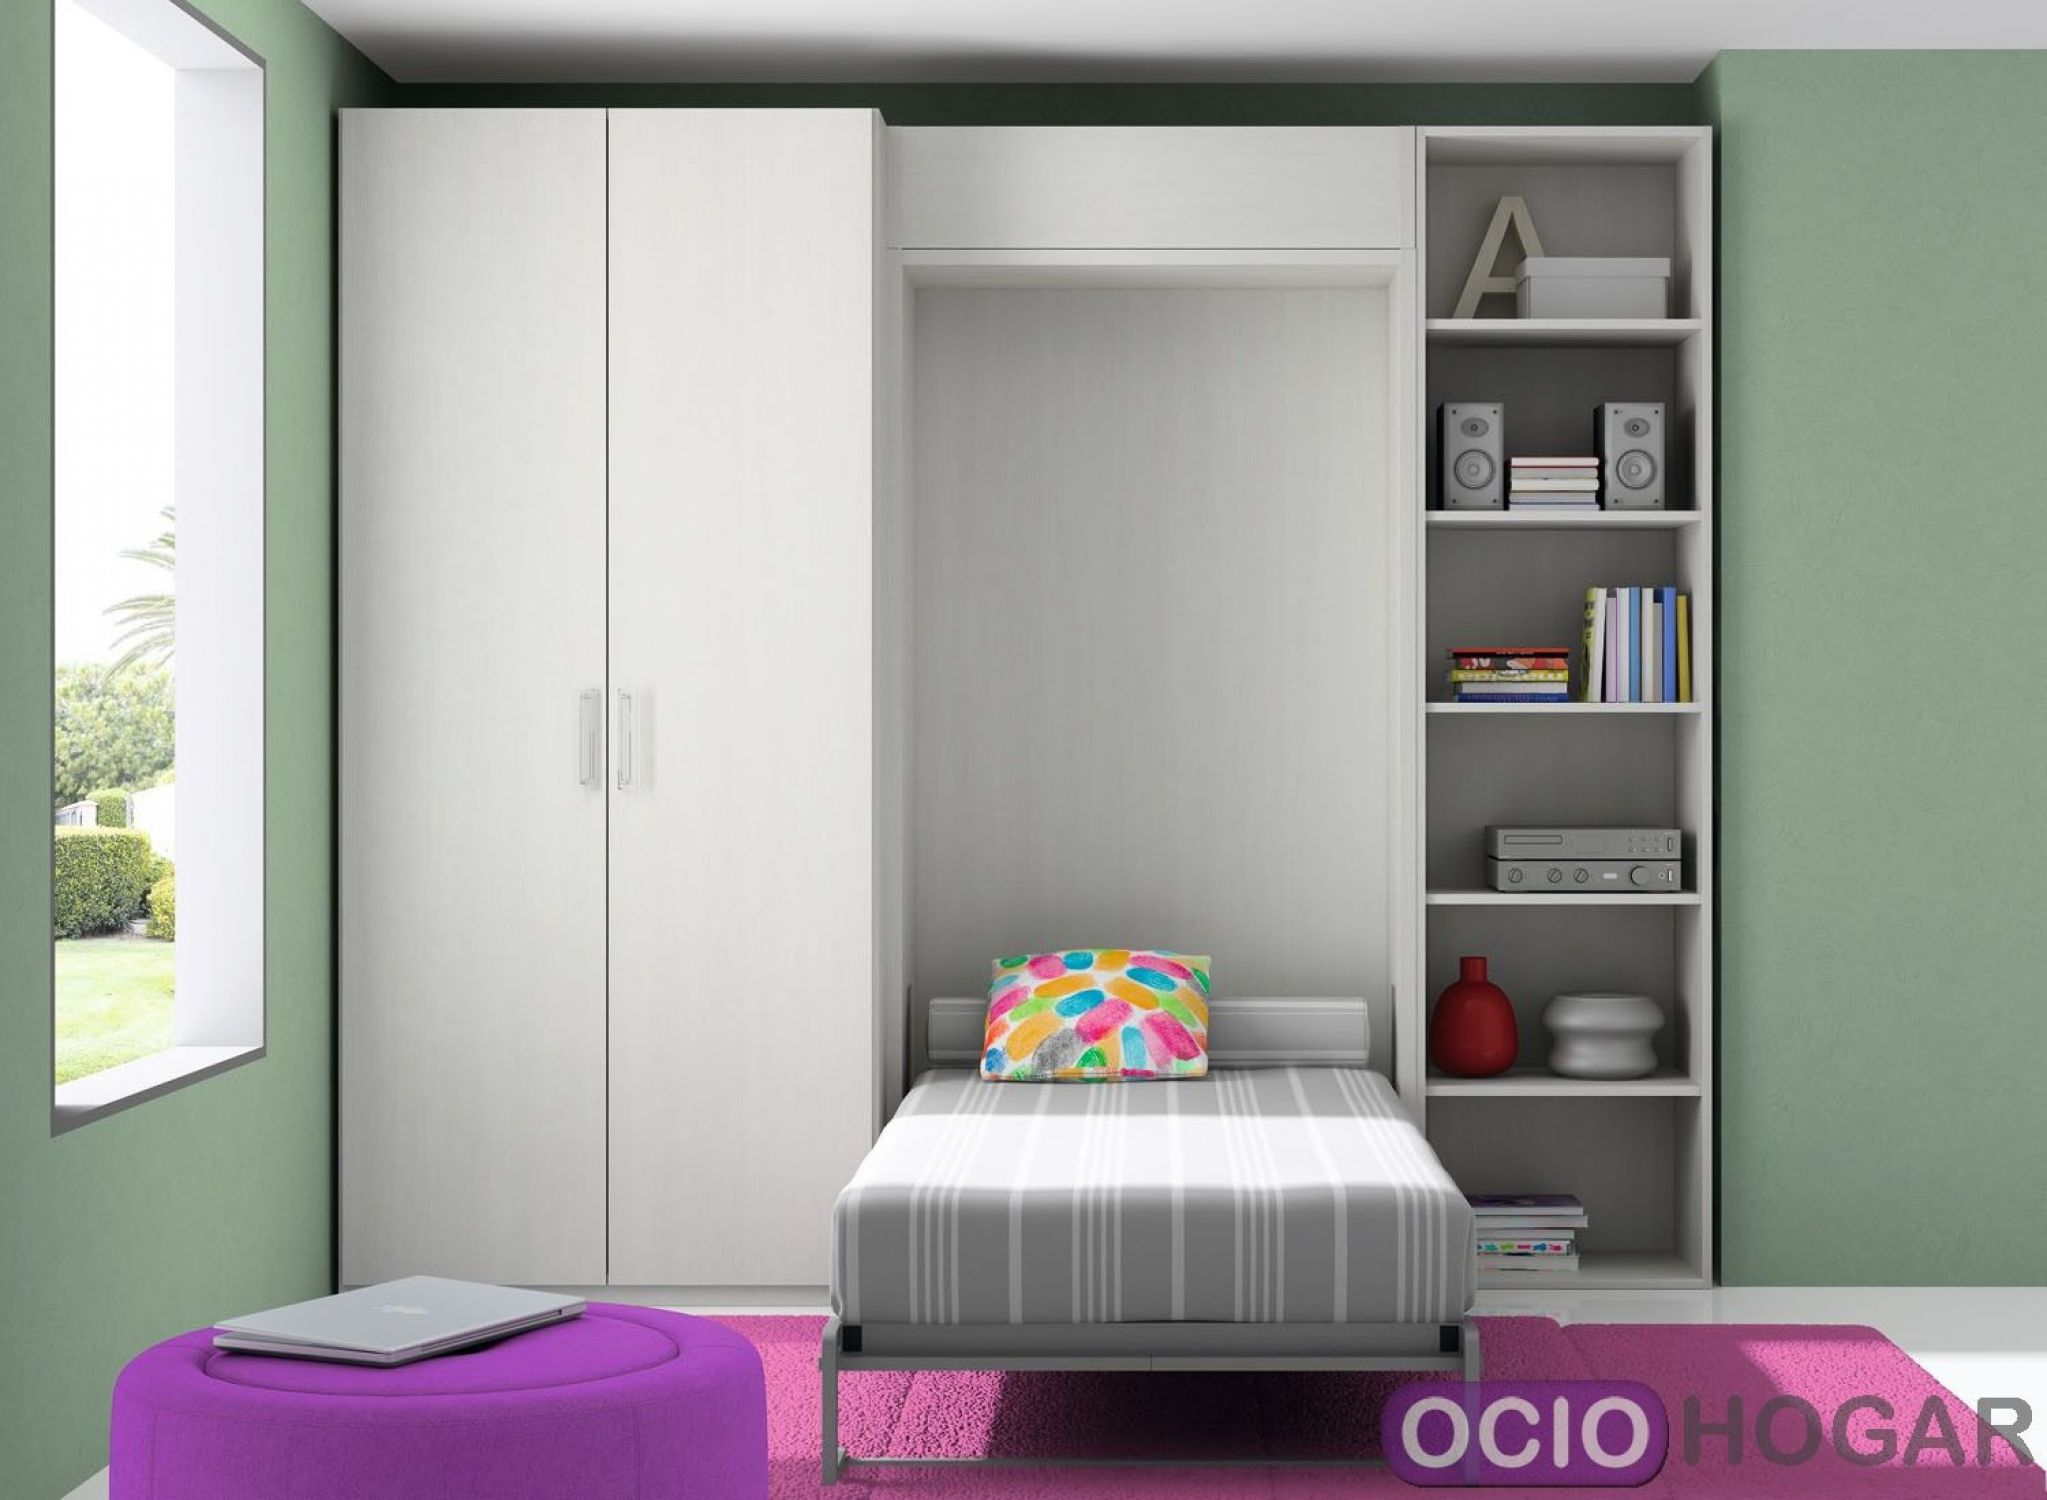 Dormitorio infantil closet de dissery muebles juveniles for Muebles zapateros juveniles